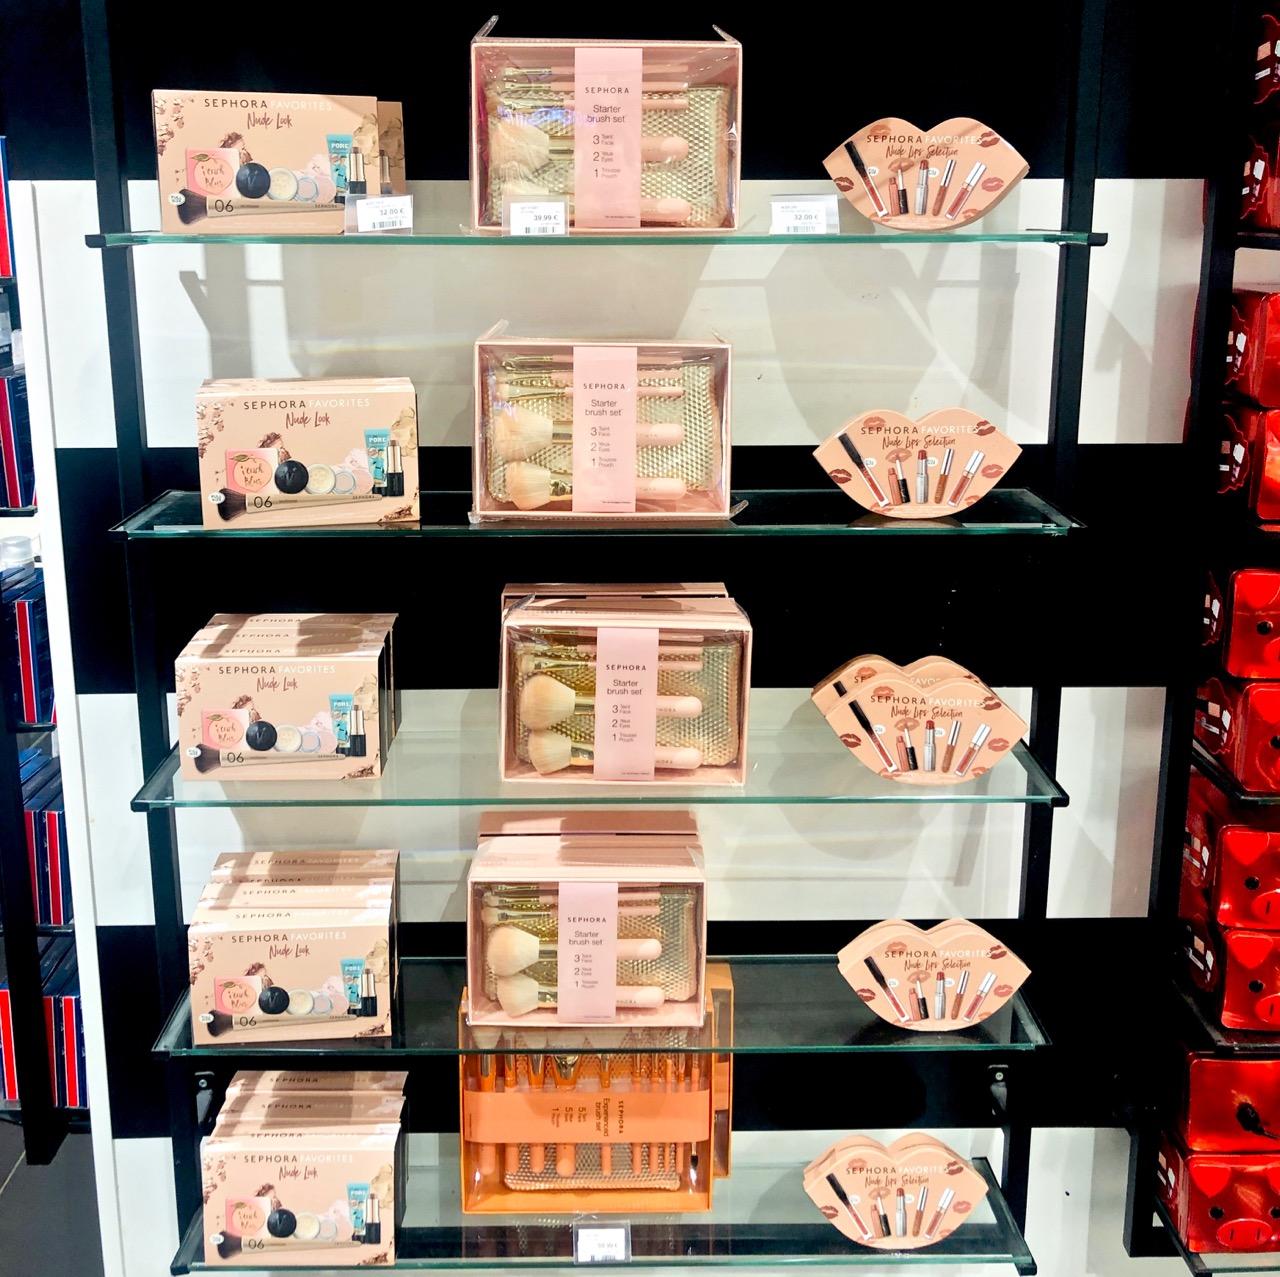 Pariisi Sephora tuotemerkit Ostolakossa Virve Fredman